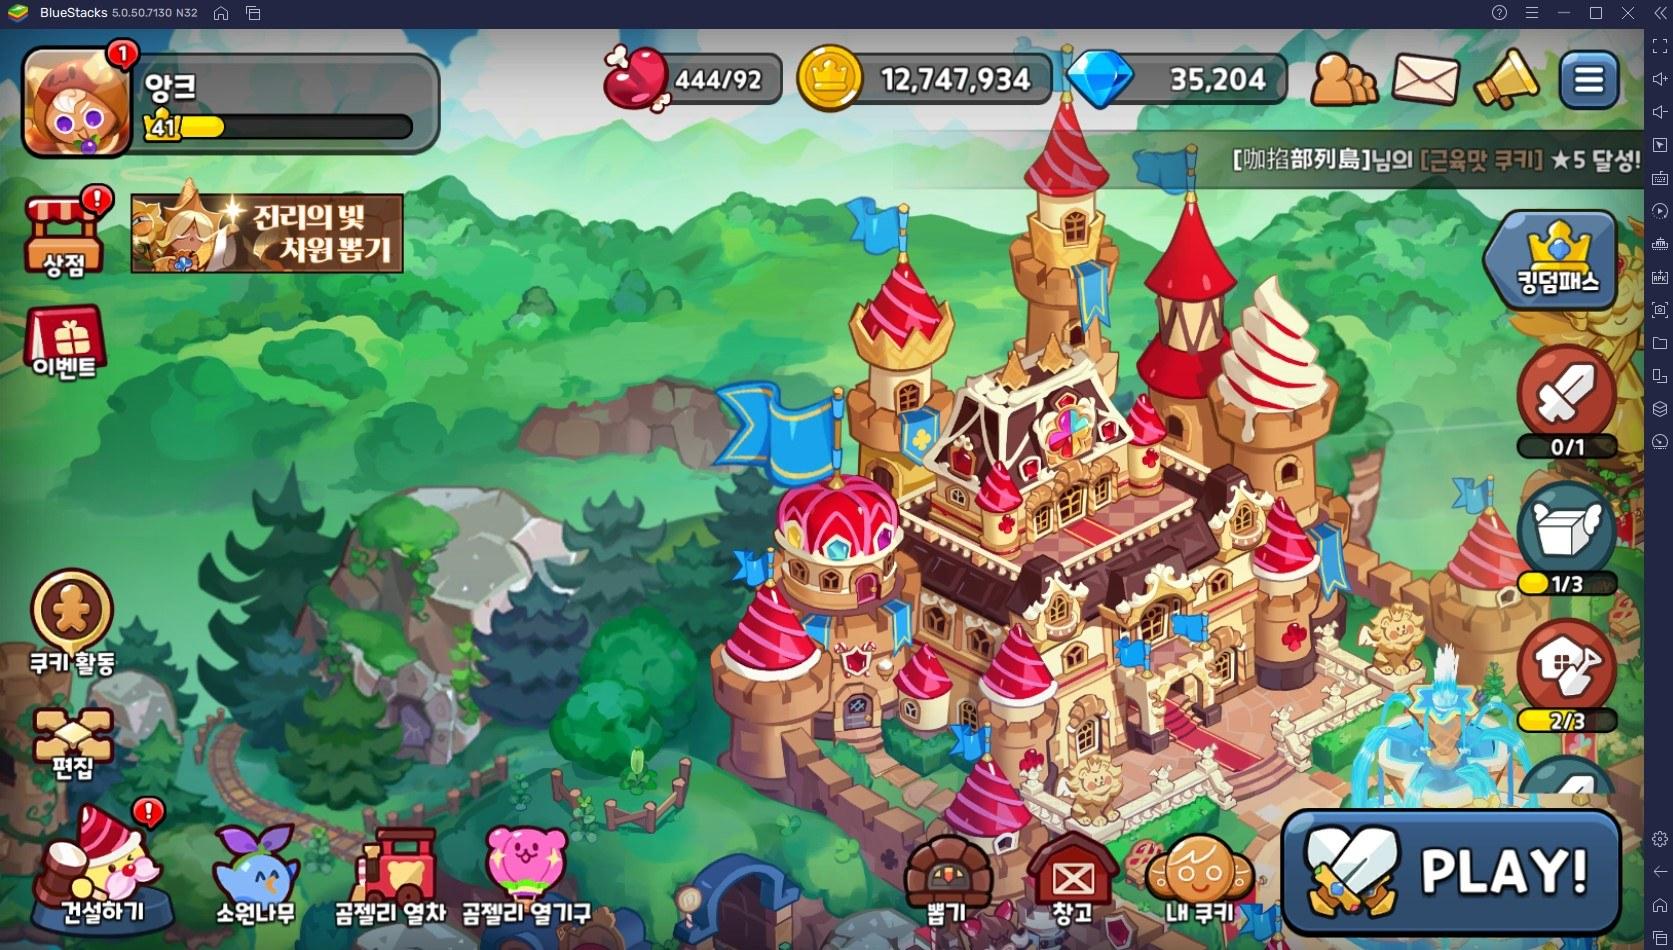 블루스택 앱플레이어로 PC에서 즐길 수 있는 쿠키런: 킹덤, 빠른 성장을 위해 챙겨줘야 할 부분들은?